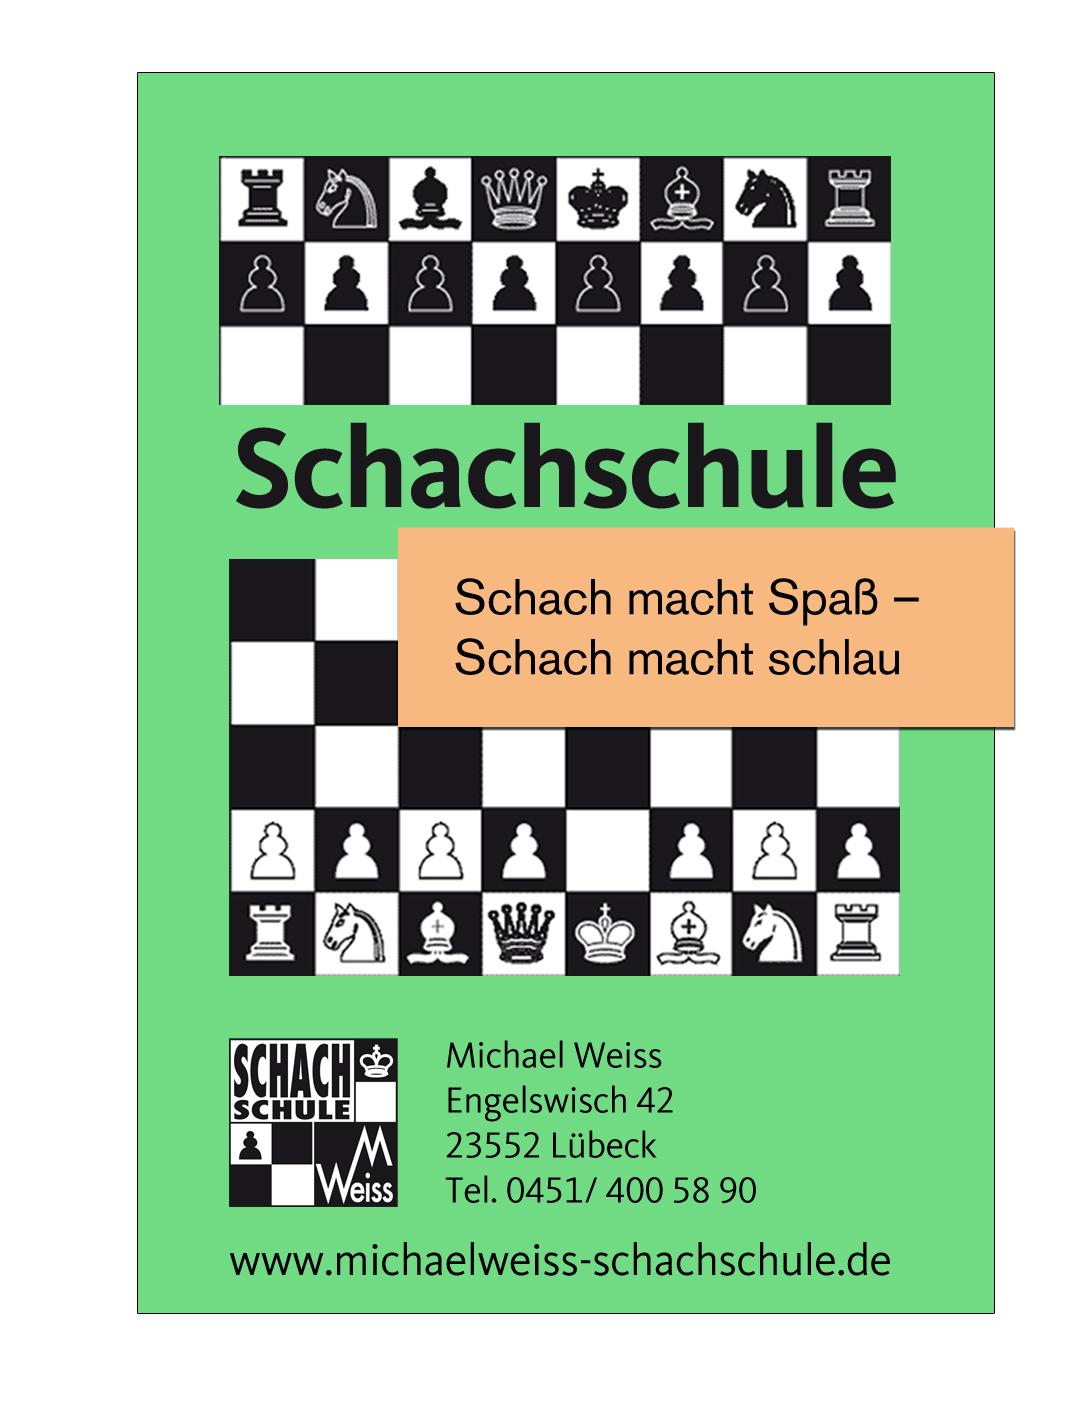 Schachschule Michael Weiss